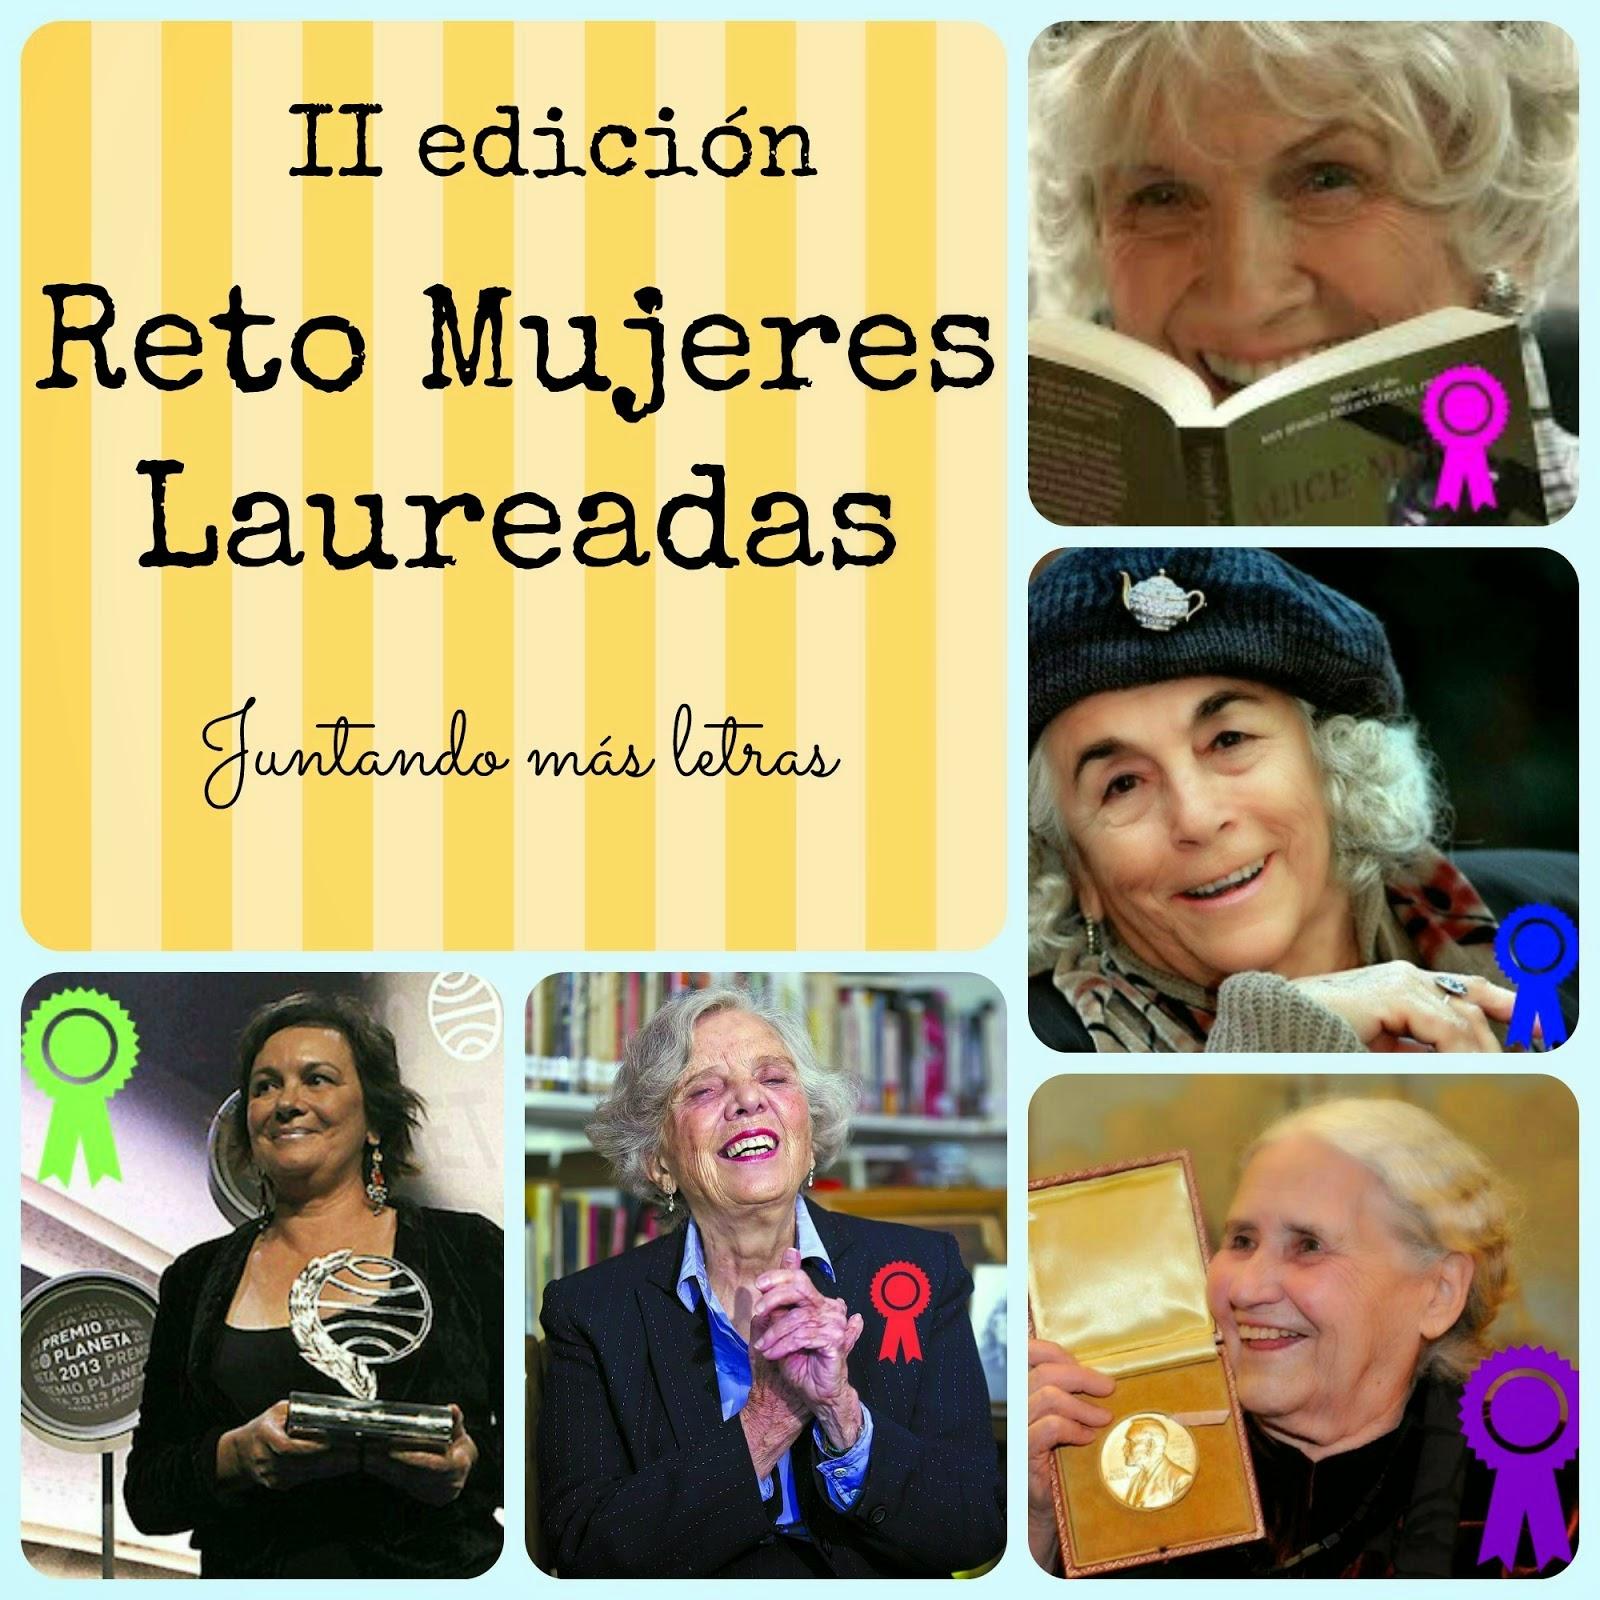 II EDICION RETO MUJERES LAUREADAS